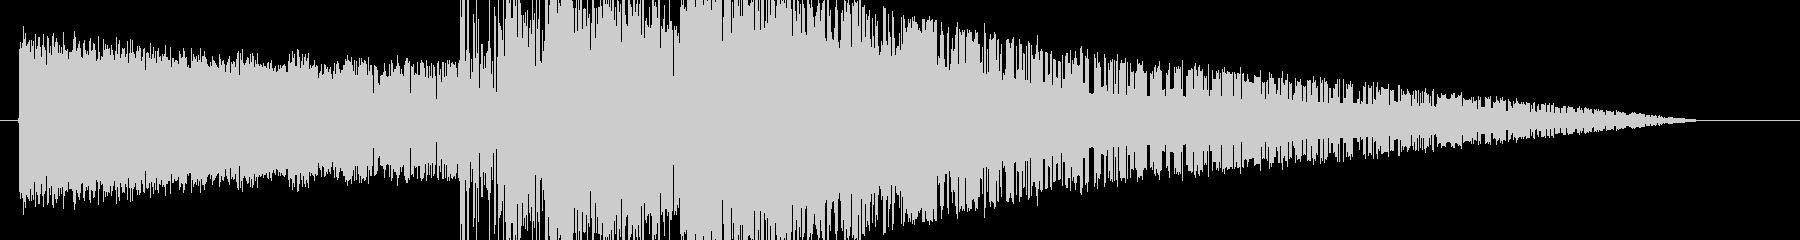 レトロゲーム風魔法雷系3の未再生の波形